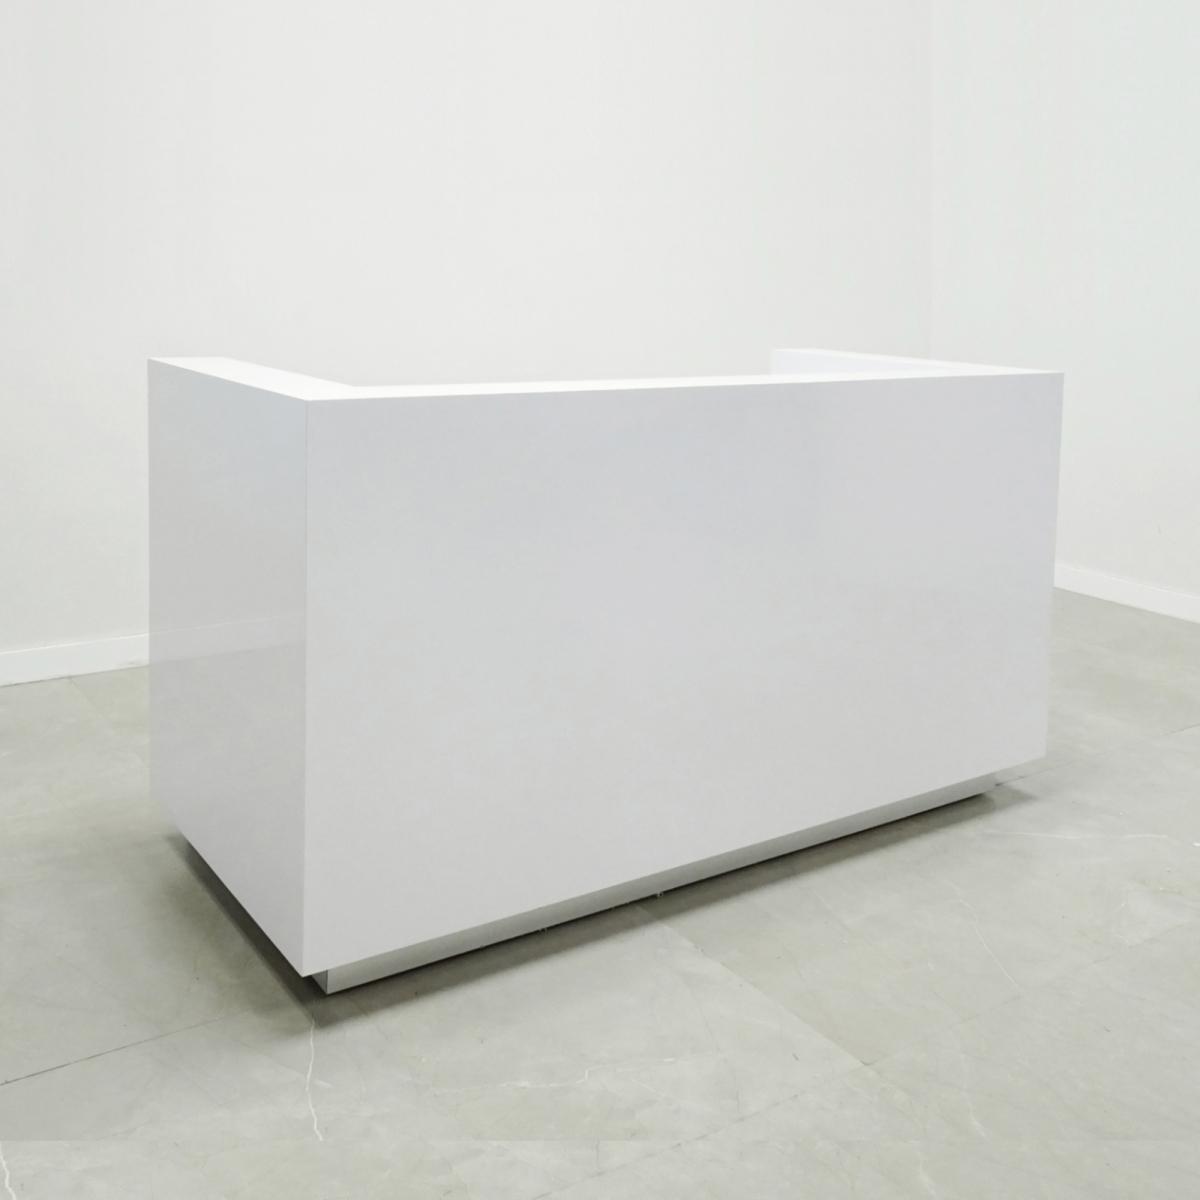 84 In. Dallas U - Shape Custom Reception Desk White Gloss Laminate